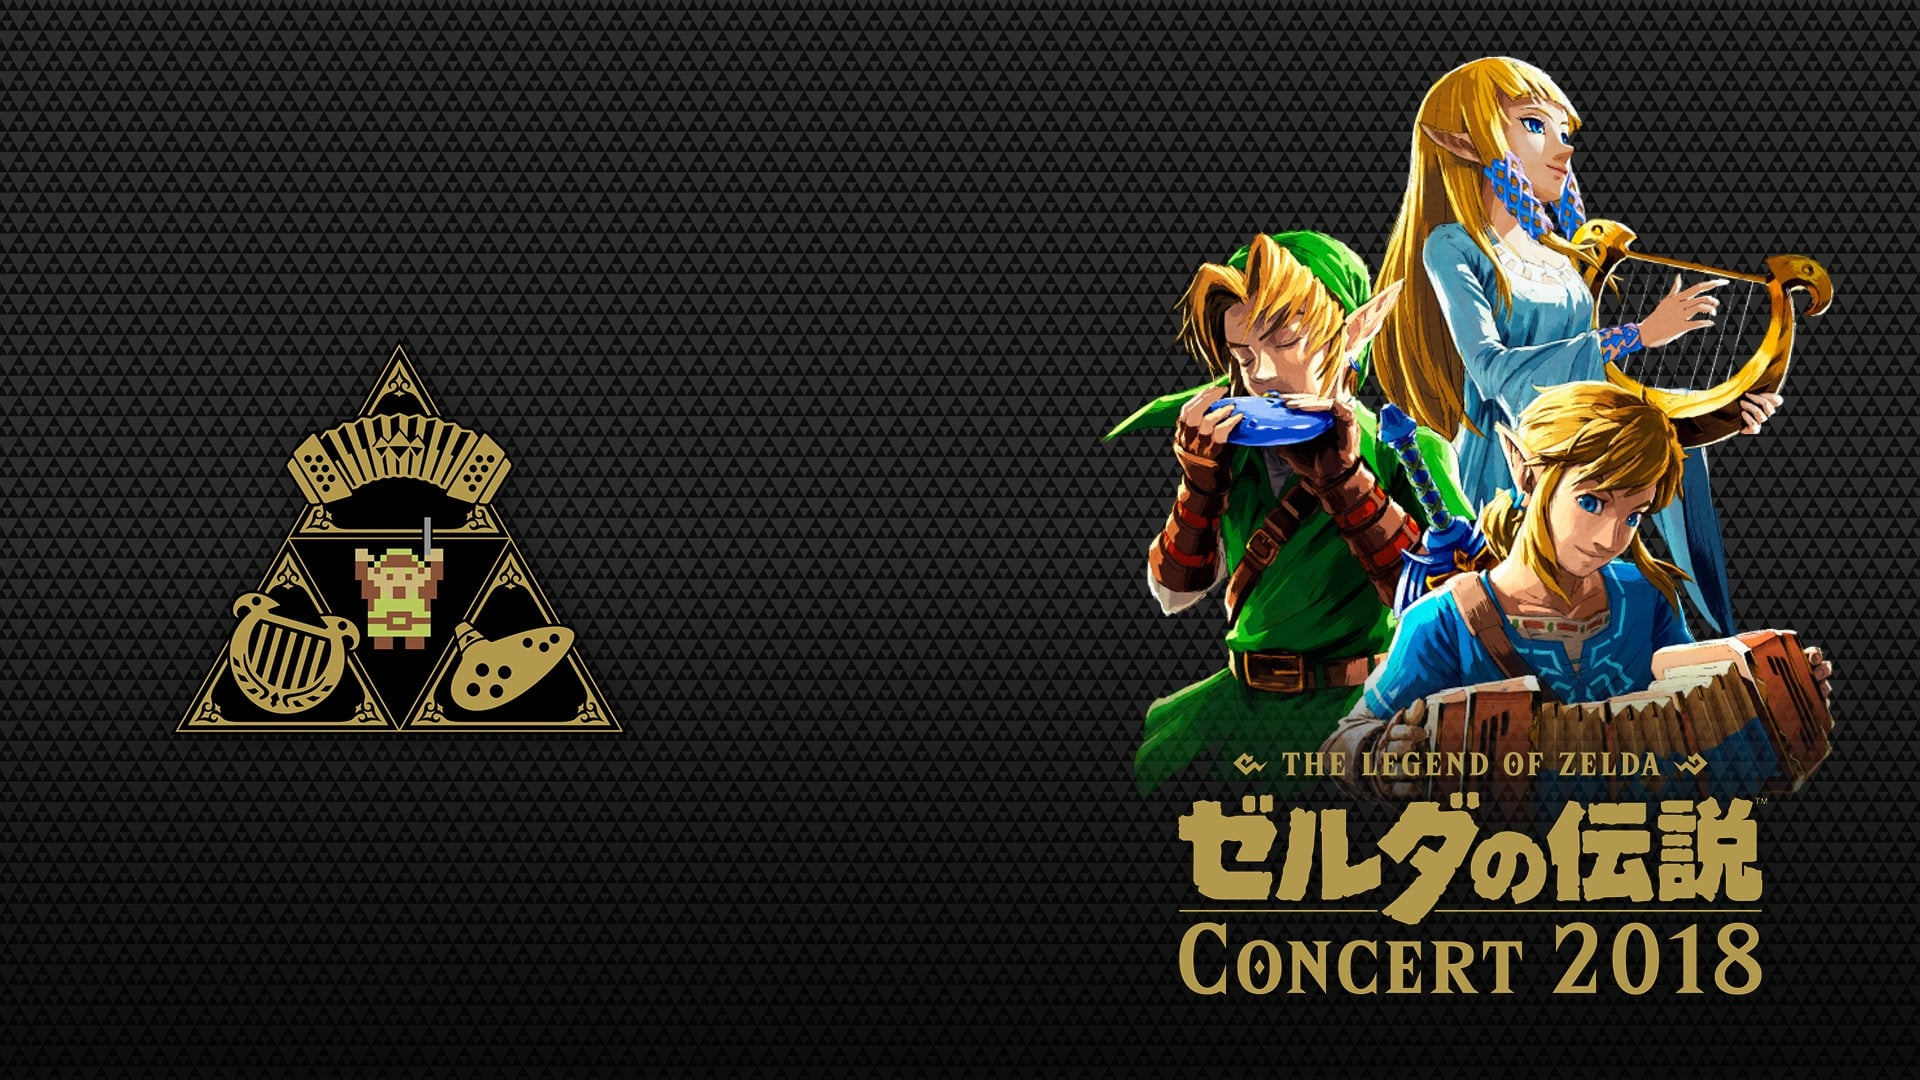 The Legend of Zelda Concert 2018